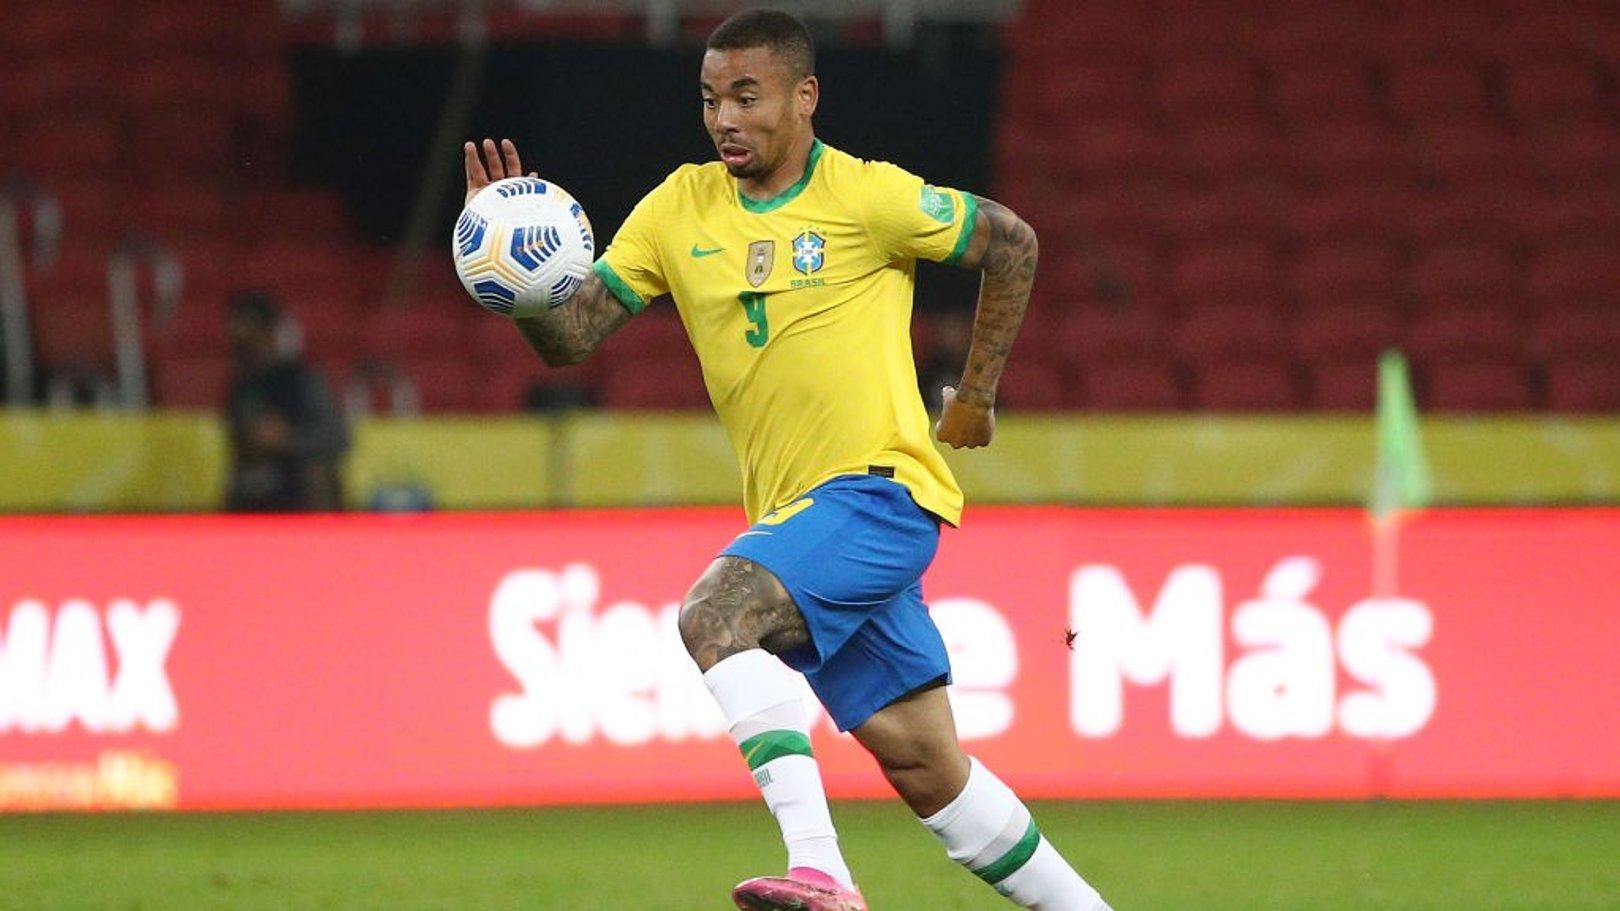 جابريل جيسوس يساهم في فوز البرازيل على الإكوادور